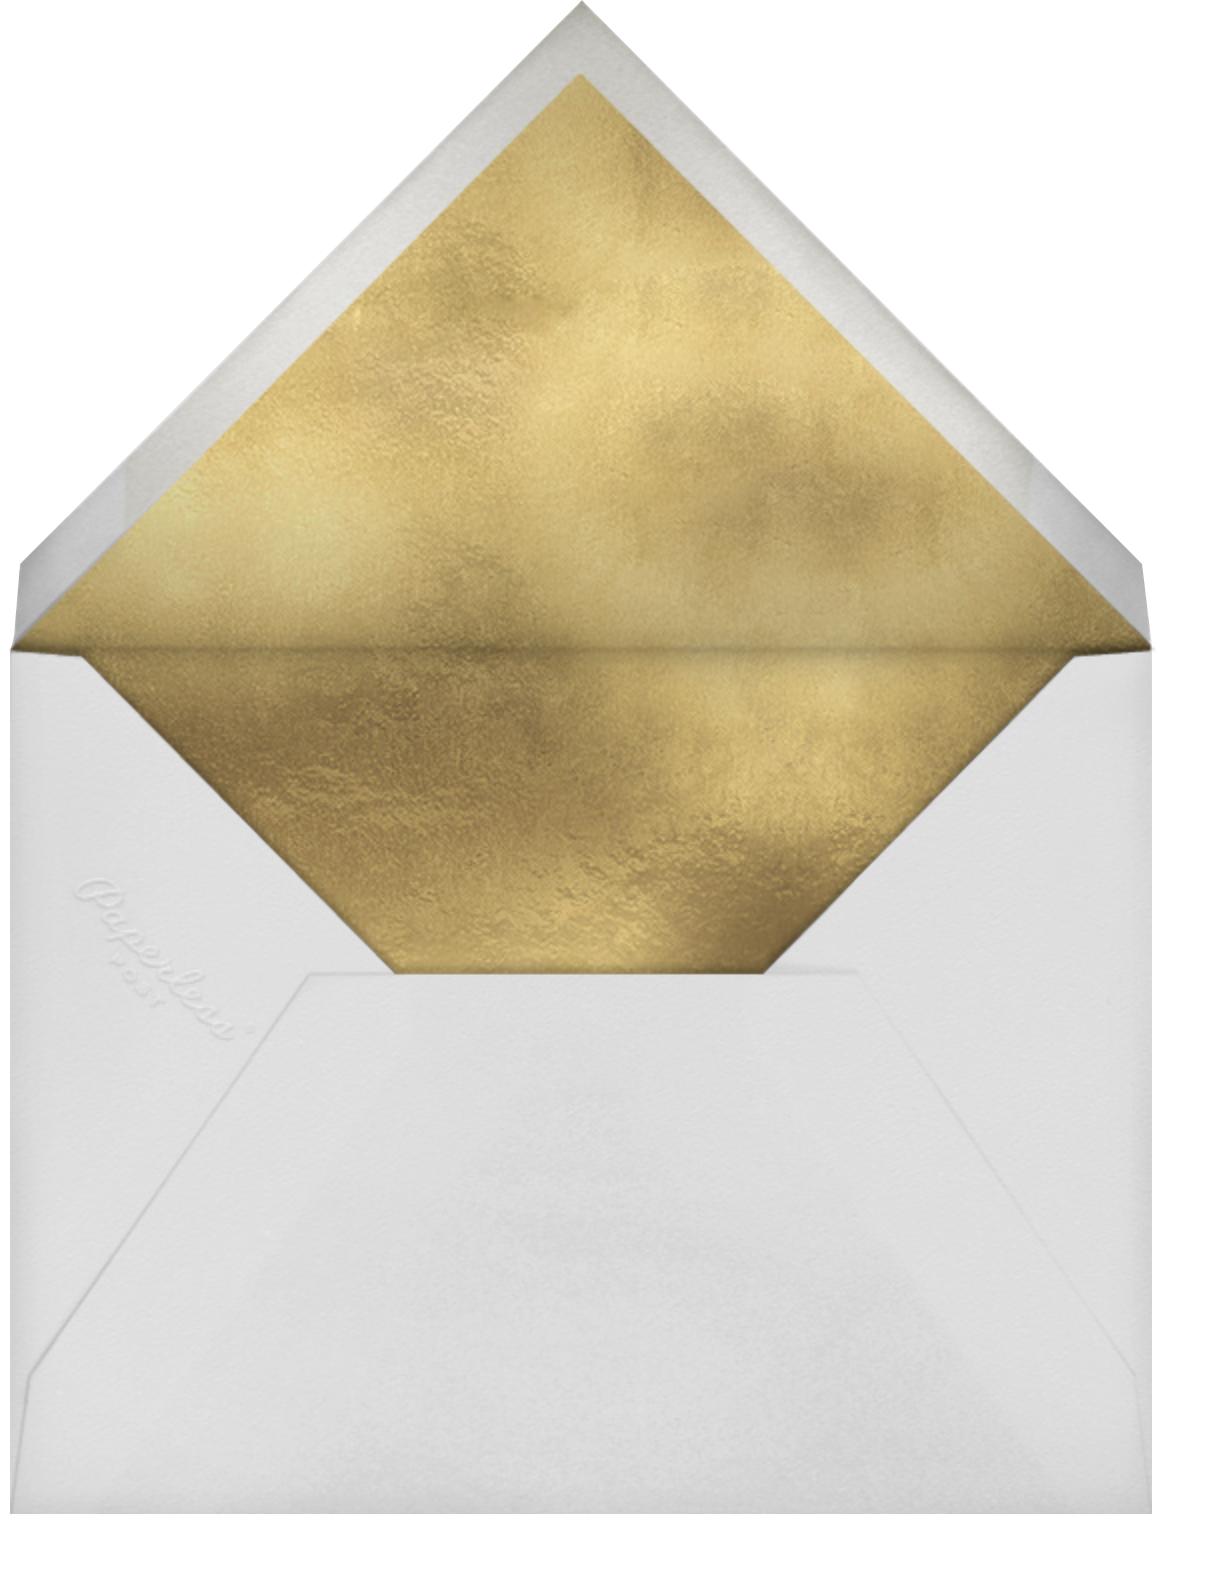 Laguna - Jonathan Adler - General entertaining - envelope back